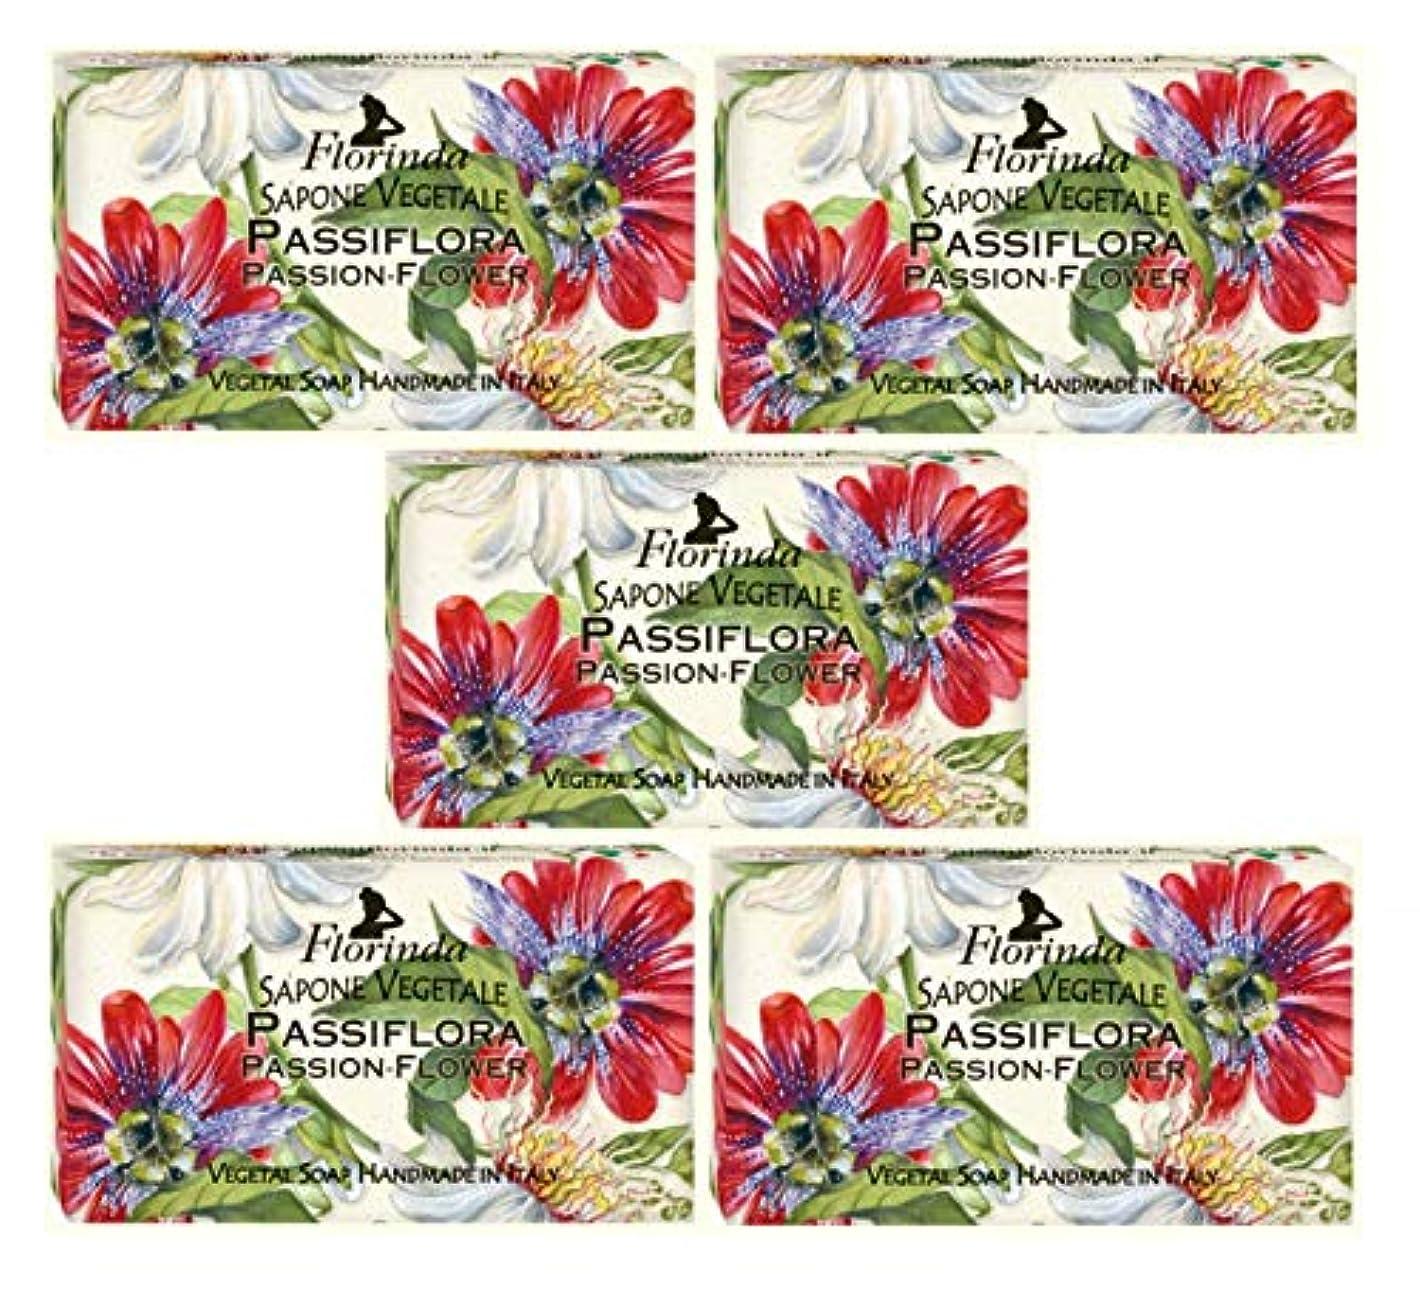 毛皮理容師検査官フロリンダ フレグランスソープ 固形石けん 花の香り パッションフラワー 95g×5個セット